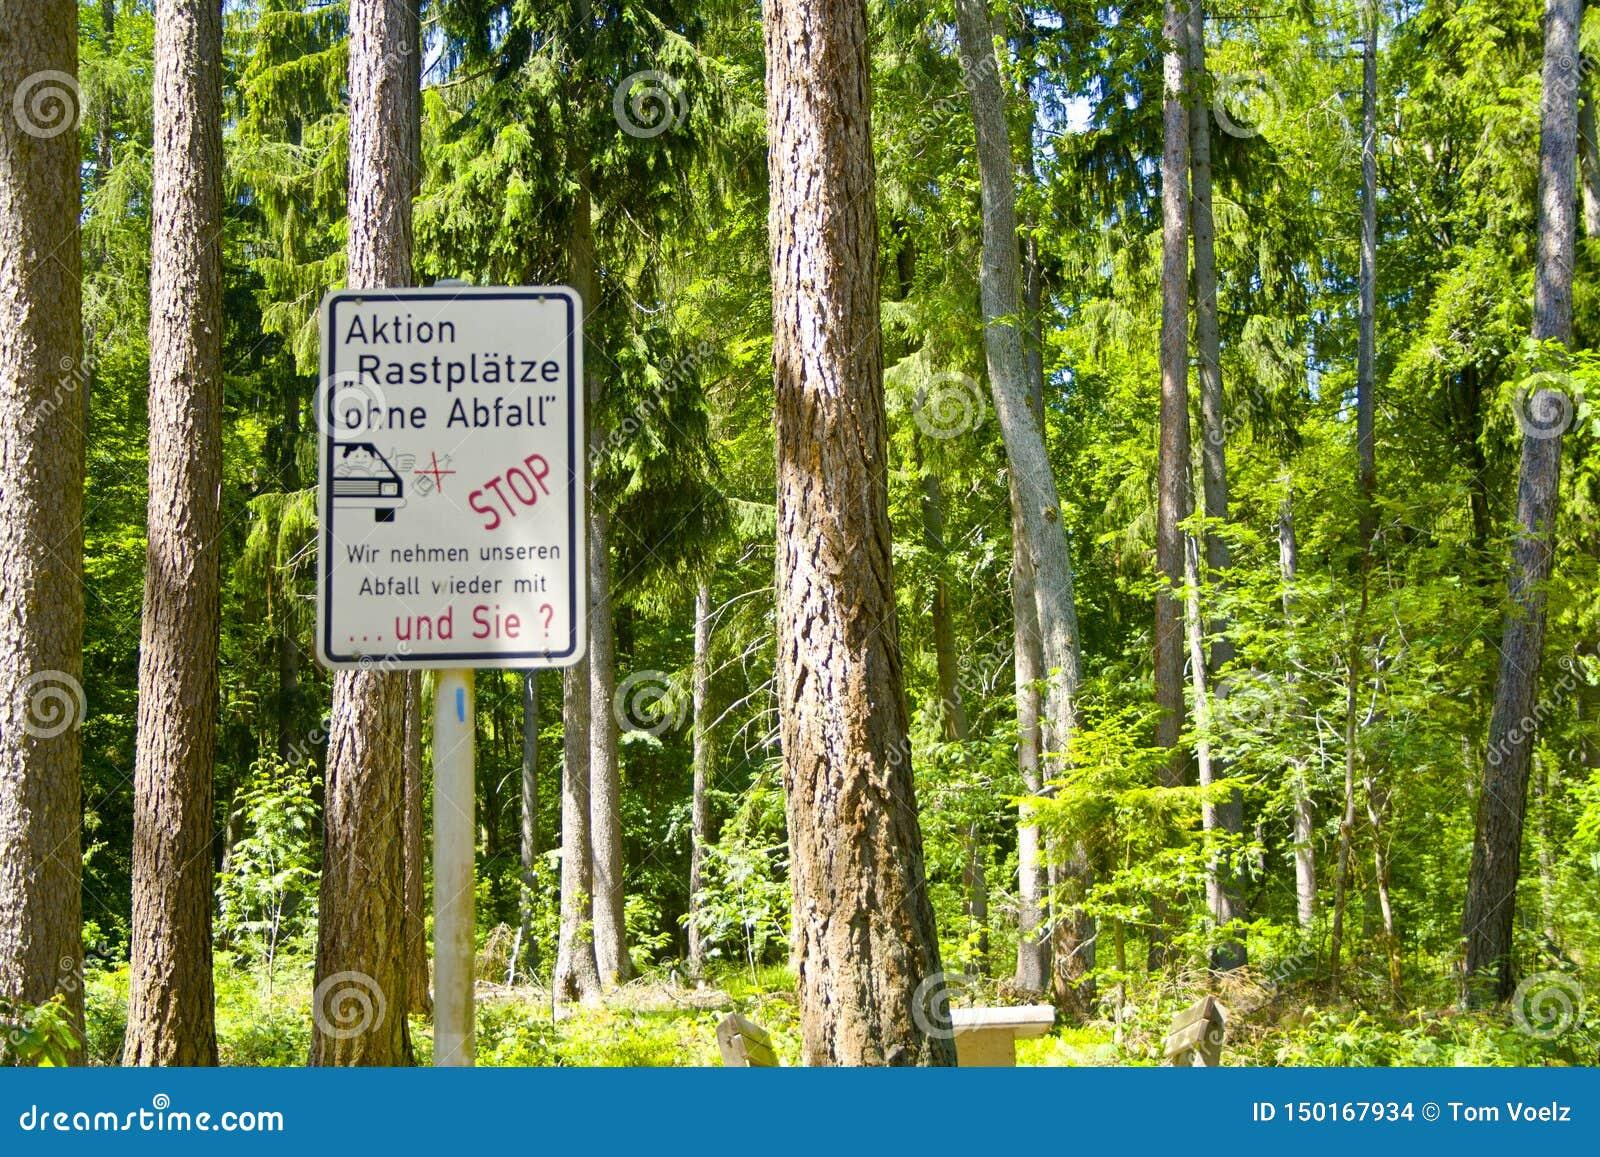 Οι περιοχές υπολοίπου μας πρέπει να αφεθούν καθαρές και δεν πρέπει να χρησιμοποιηθούν ως υλικά οδόστρωσης